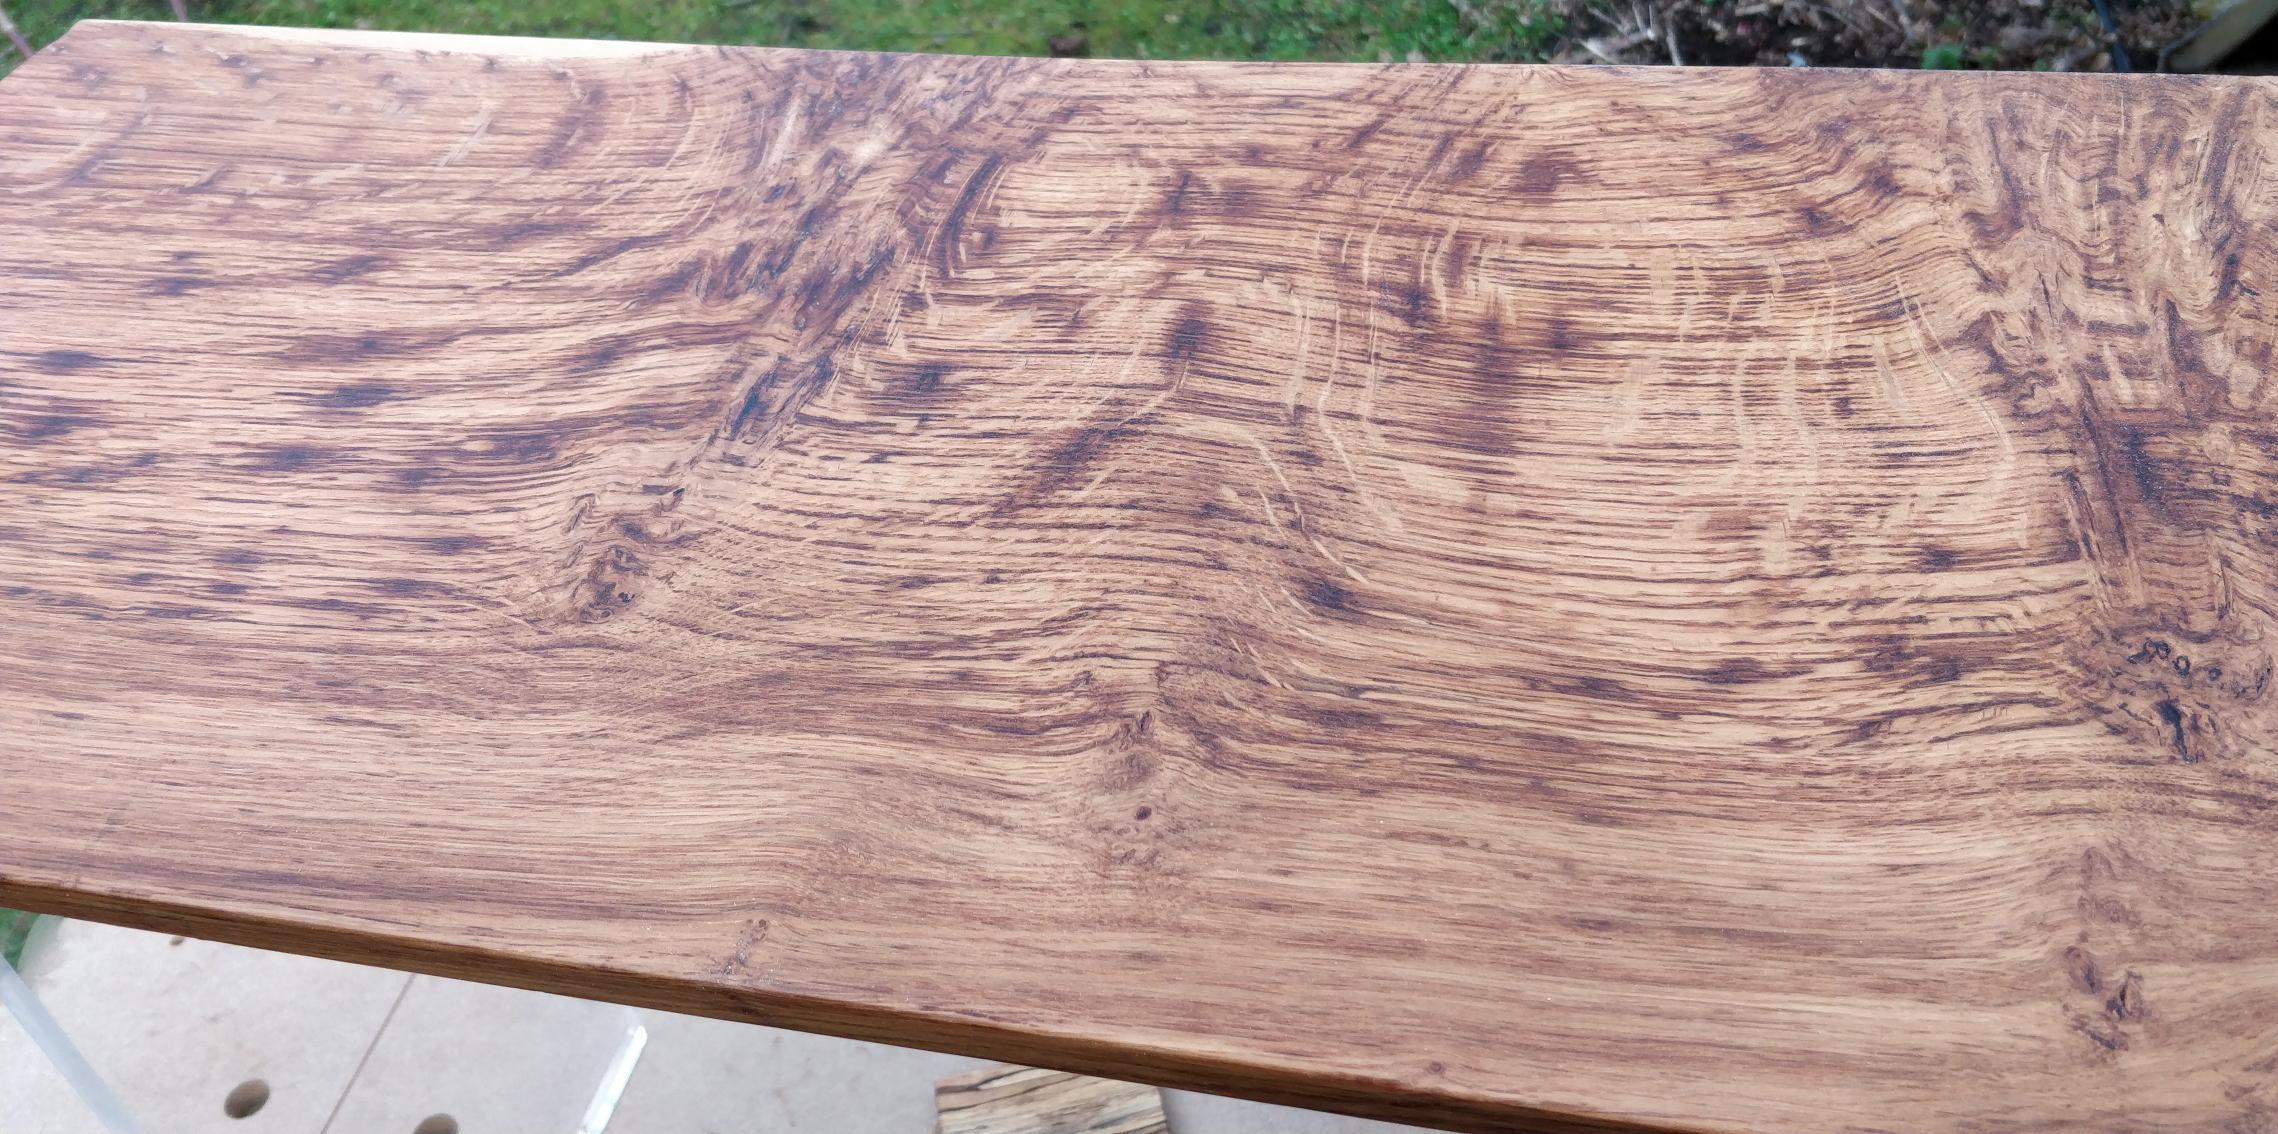 table grain.jpg